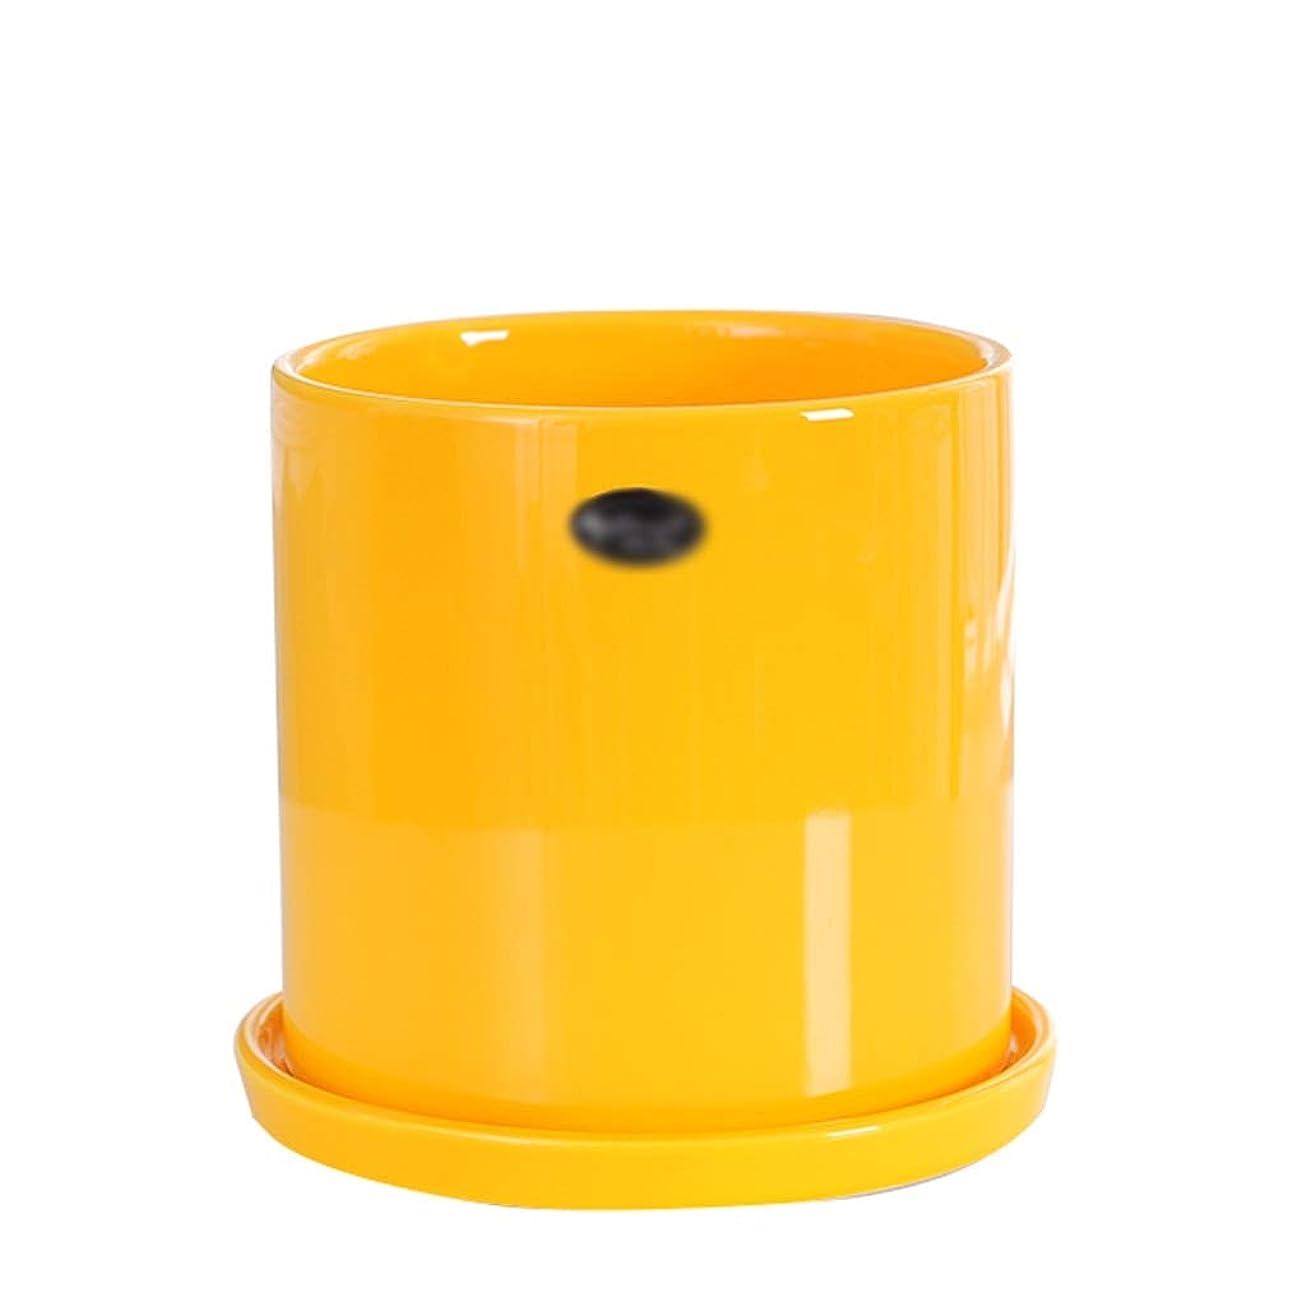 乱すセマフォ一部ガーデニング工具鉢-ChenMyi セラミックフラワーポット、コーヒーテーブルダイニングテーブルラウンドフラワーポットユリジャスミン装飾品複数色でシャーシ ベッドヘッド植物装飾容器 (Color : Yellow, Size : 15.5*15.5*18CM)